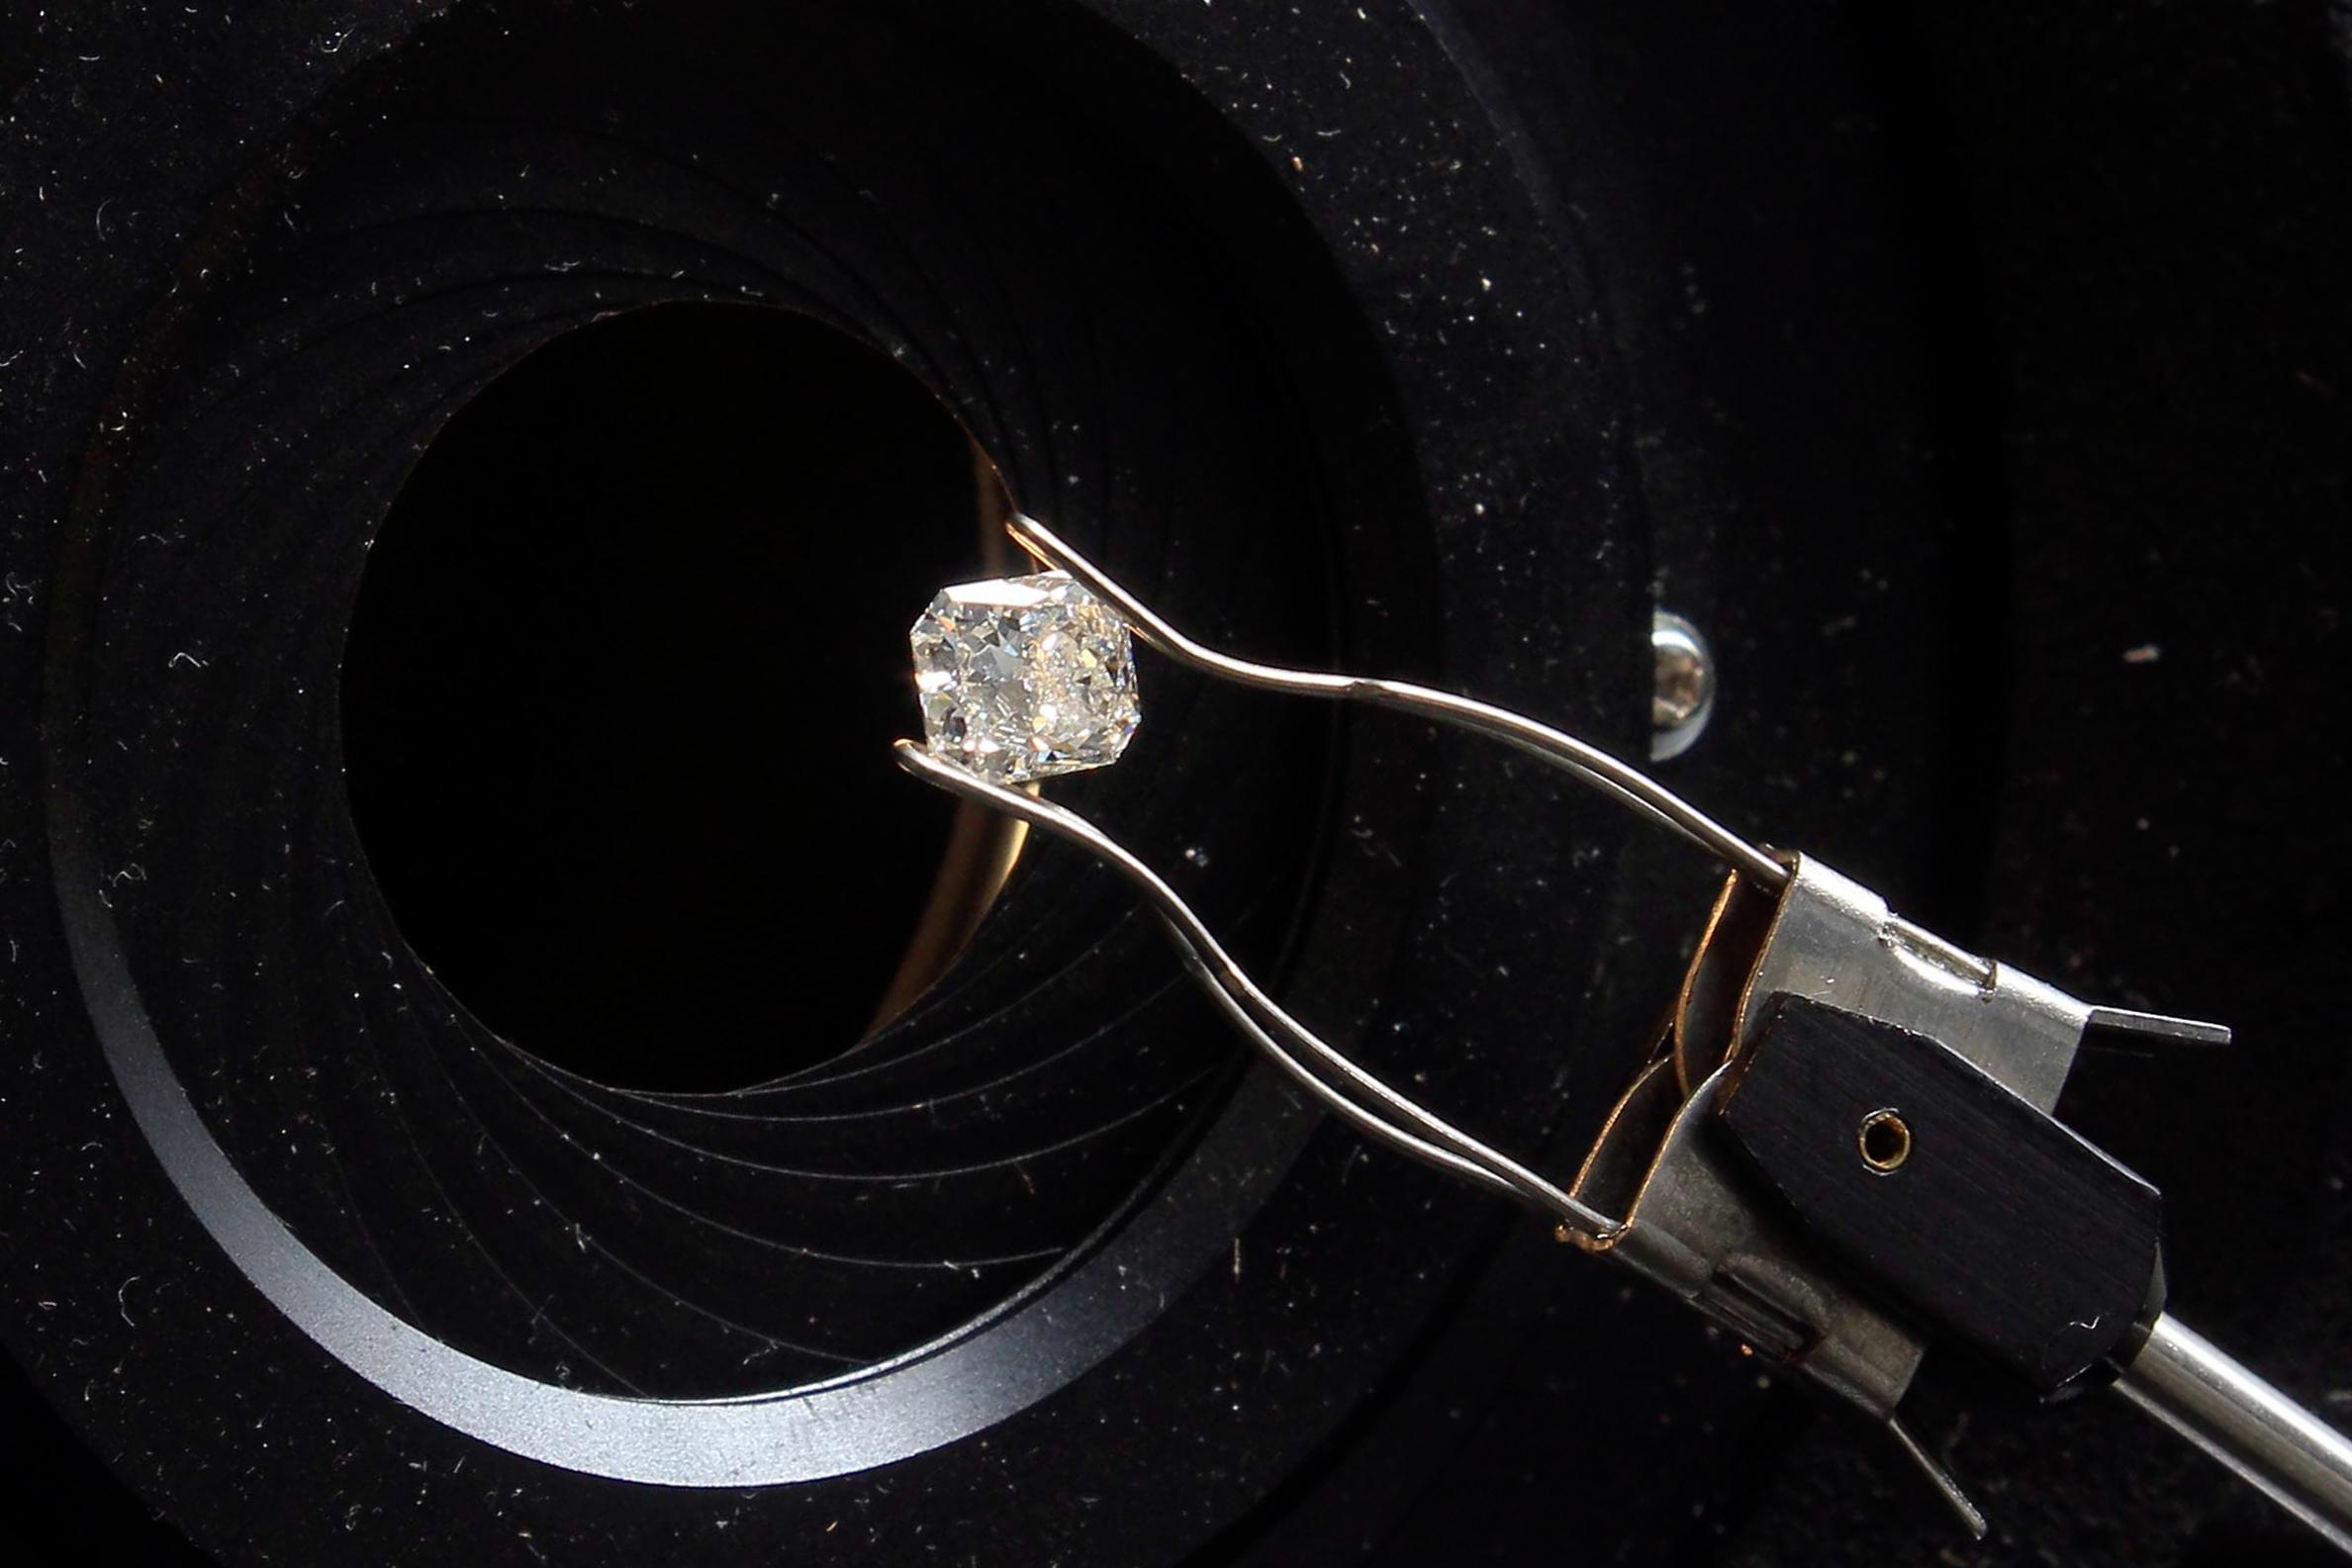 Governo angolano prolonga concurso para concessões de diamantes, ferros e fosfatos